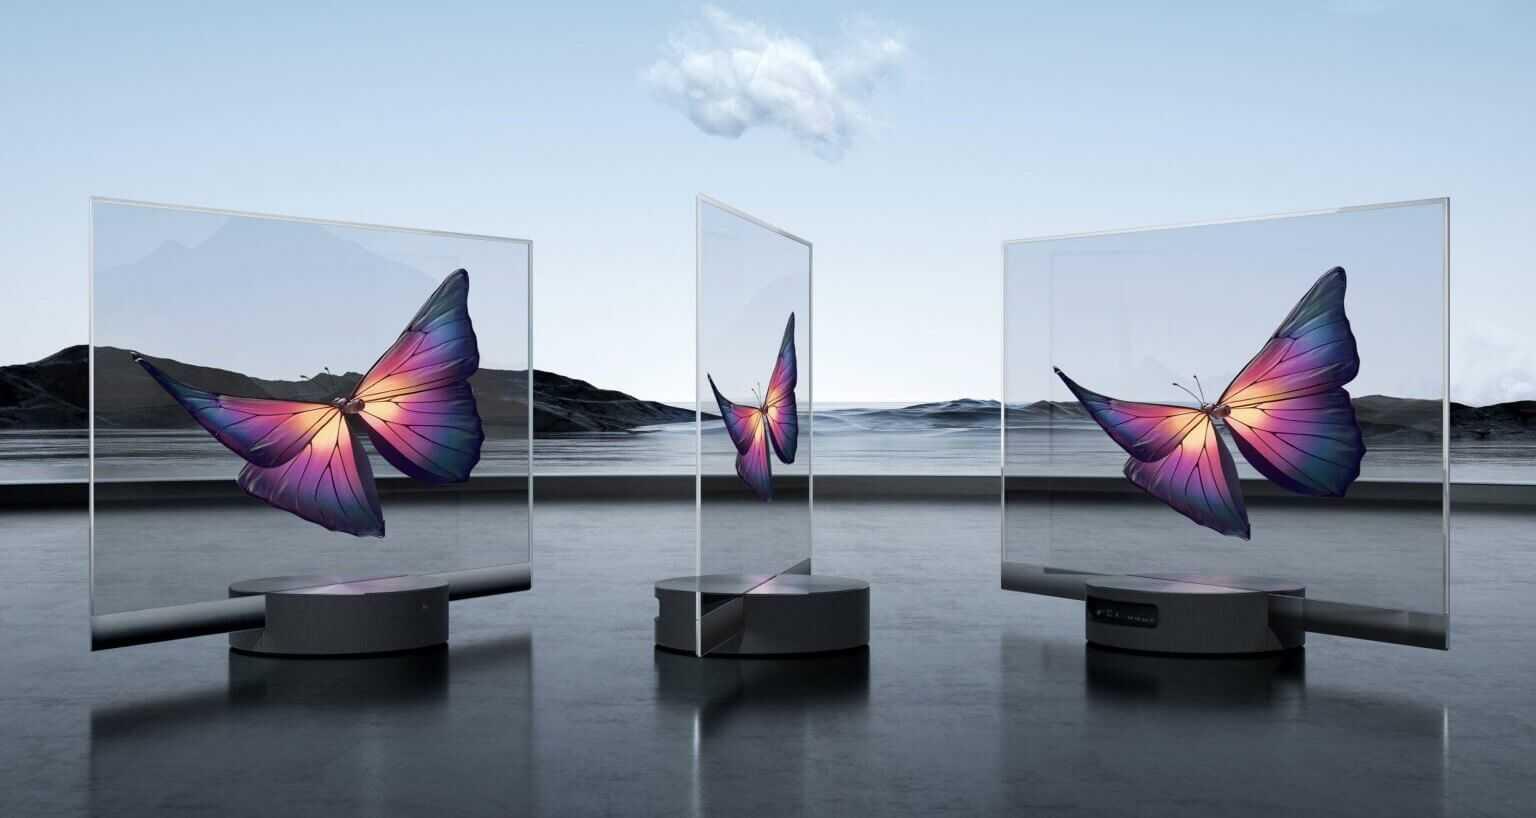 Еще в прошлом месяце в августе компания Xiaomi порадовала пользователей прозрачным смарт-телевизором серии Mi TV Transparent Этот продукт быстро покорил общественность